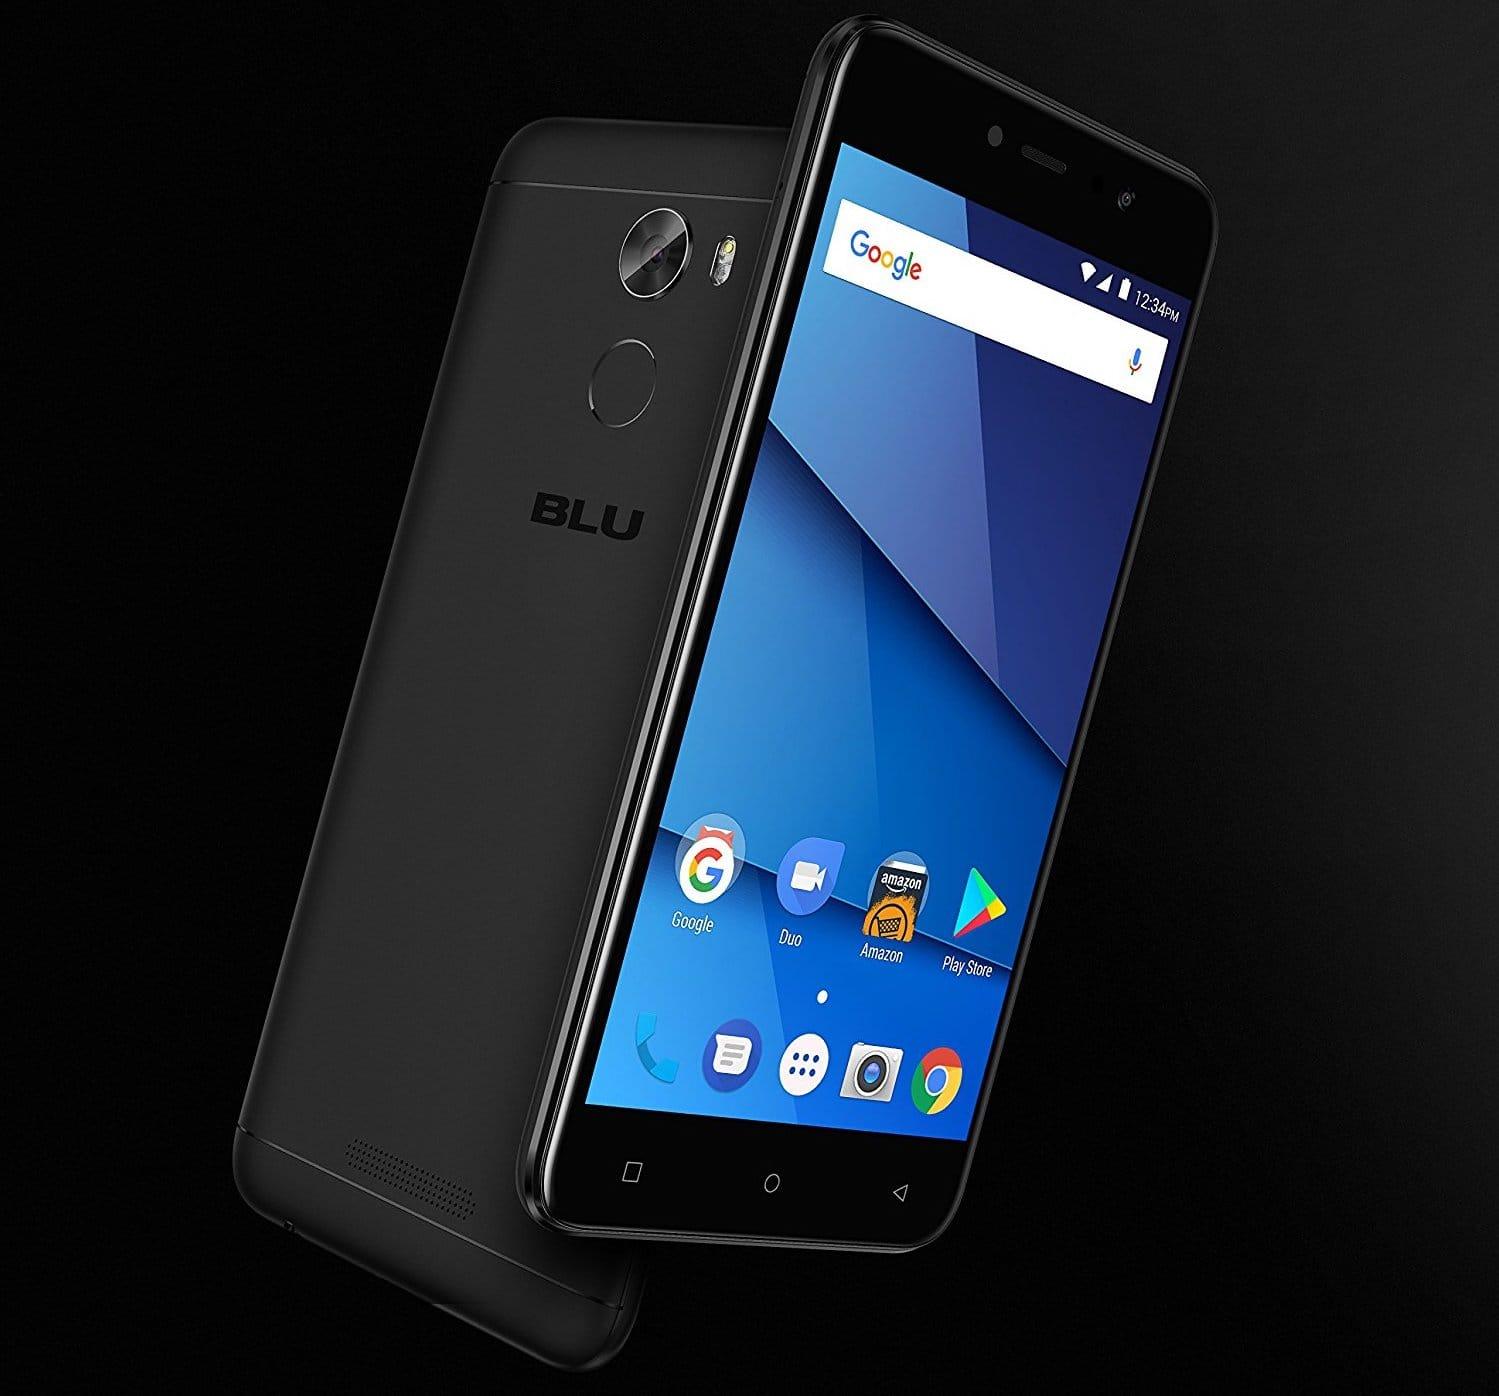 Селфи смартфон BLU VIVO 8L поступил напродажу